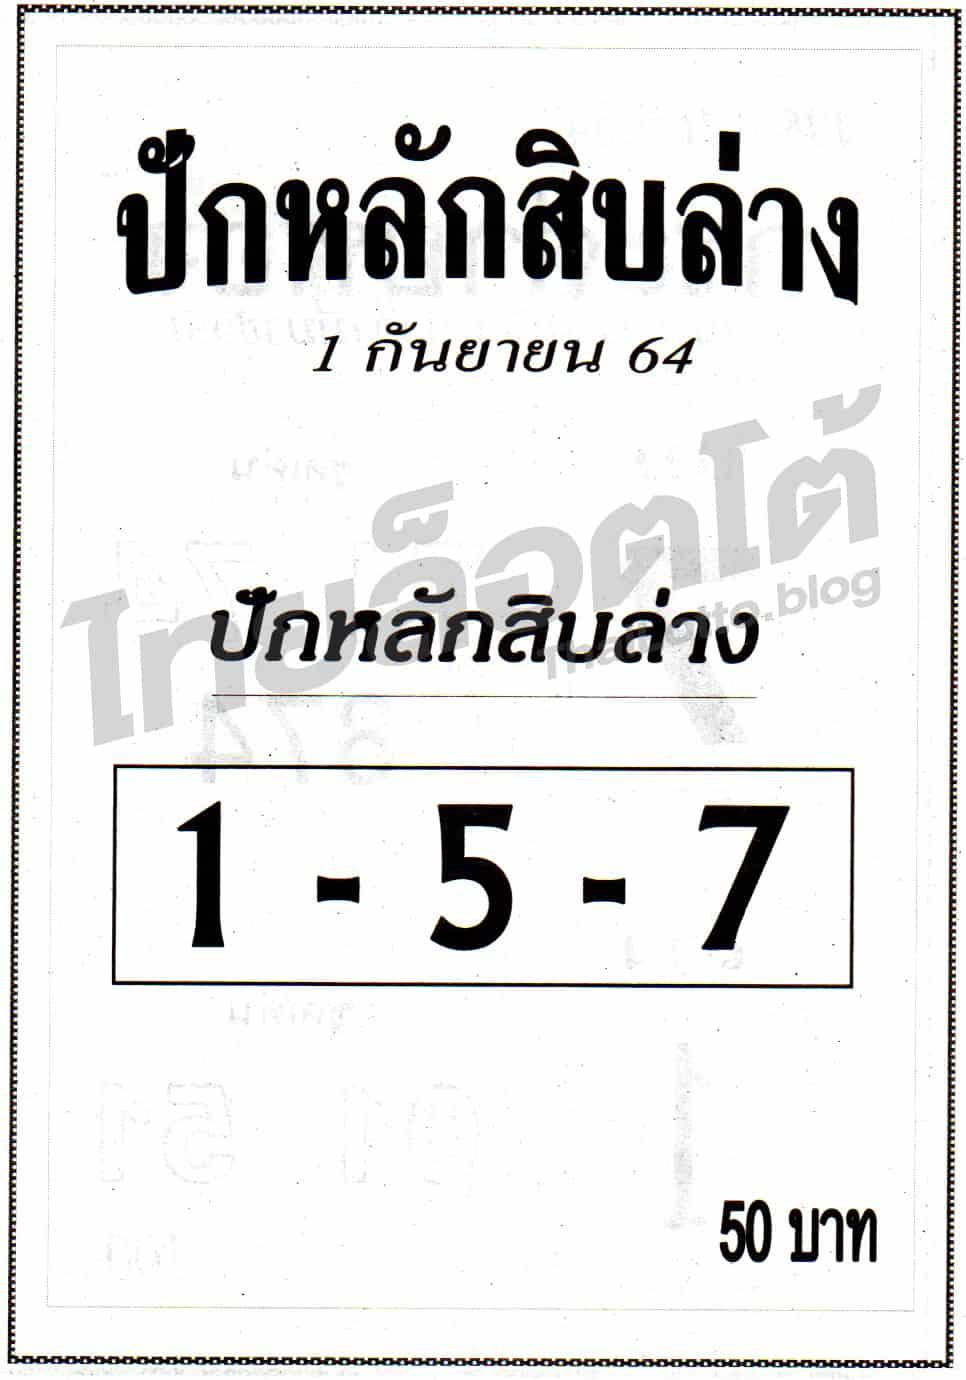 หวยซอง หวยปักหลักสิบ-010964